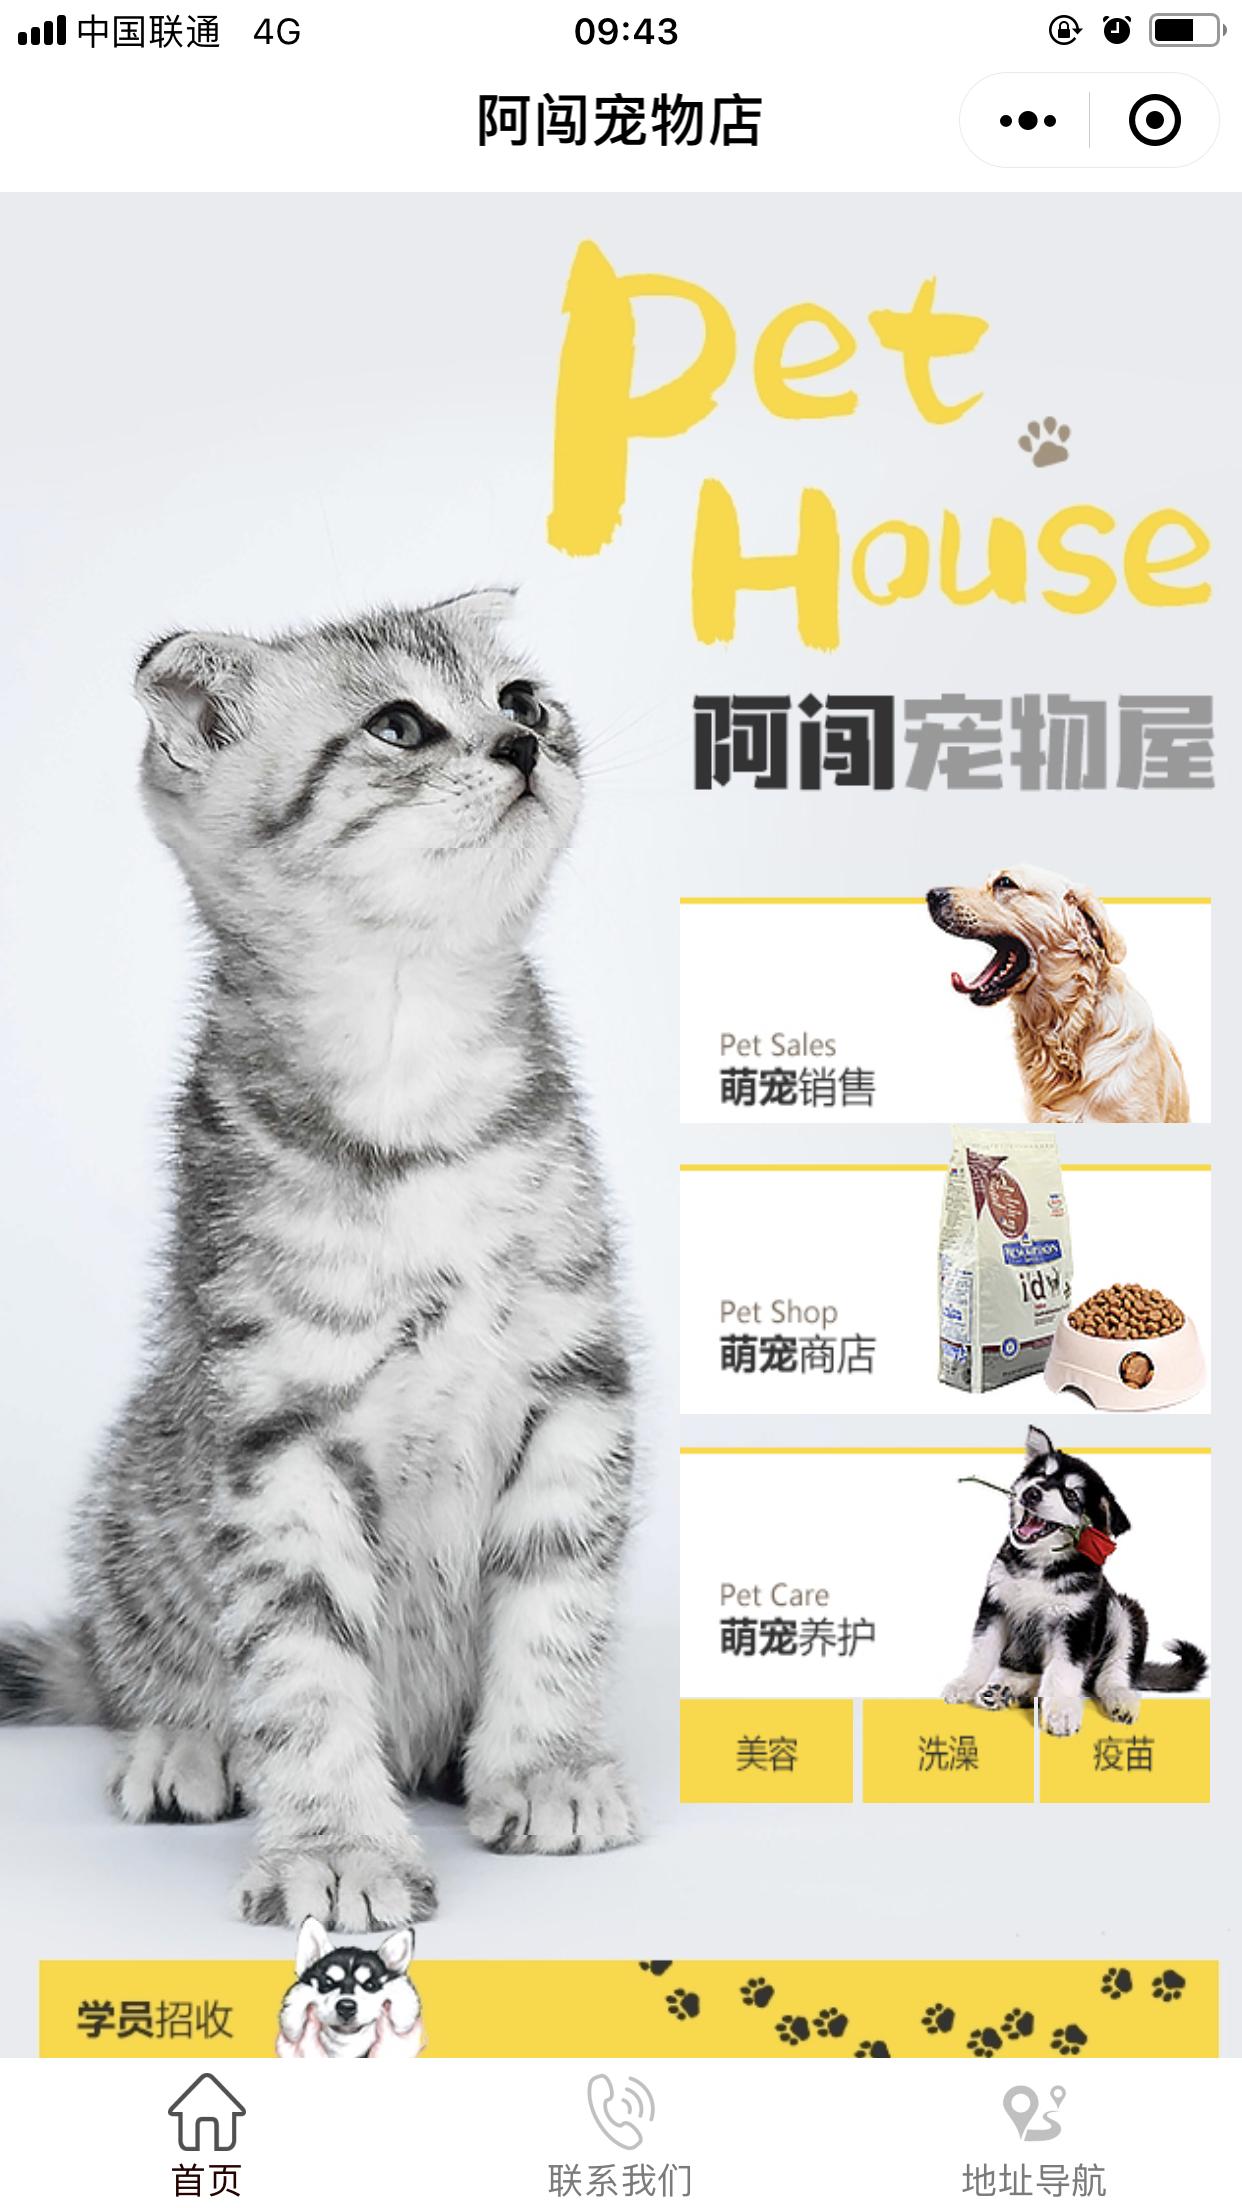 微信沈阳宠物小当家小程序